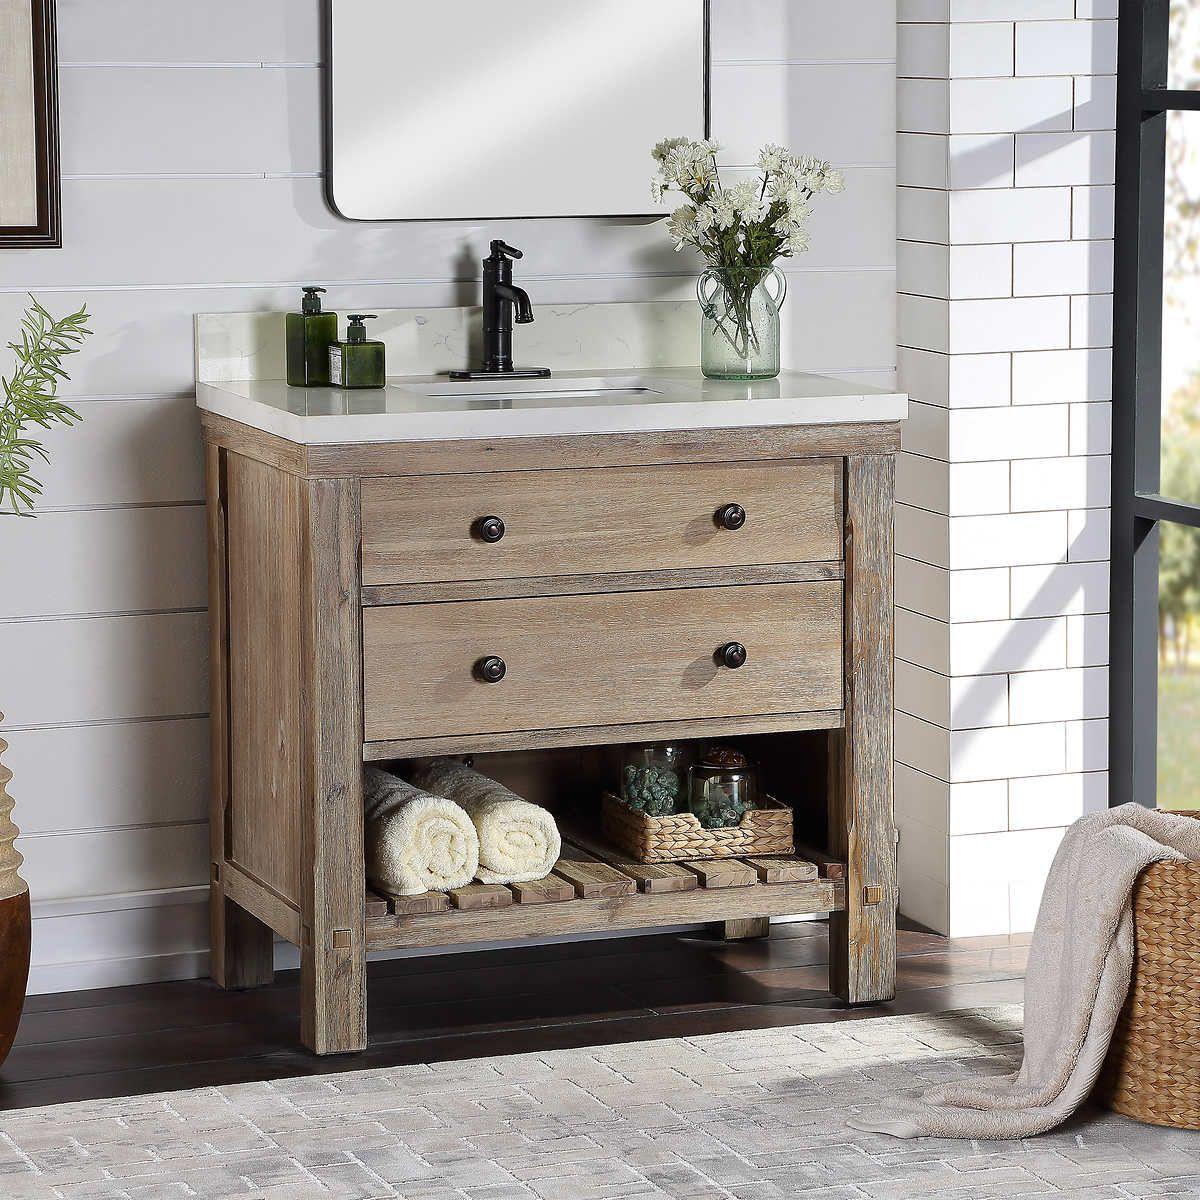 Pin By Adrienne Reed On Basement Bathroom In 2020 Single Sink Vanity Single Bathroom Vanity Rustic Bathroom Vanities